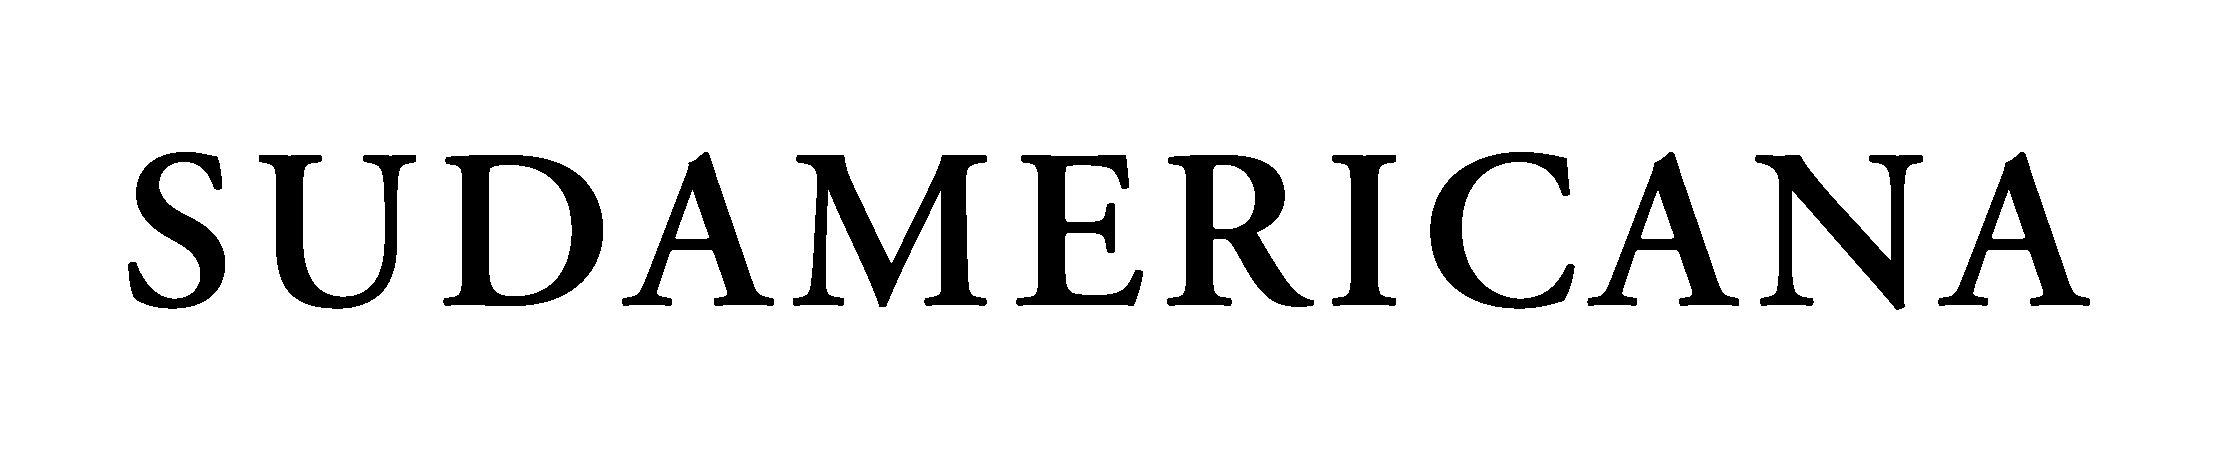 sudamericana transparente